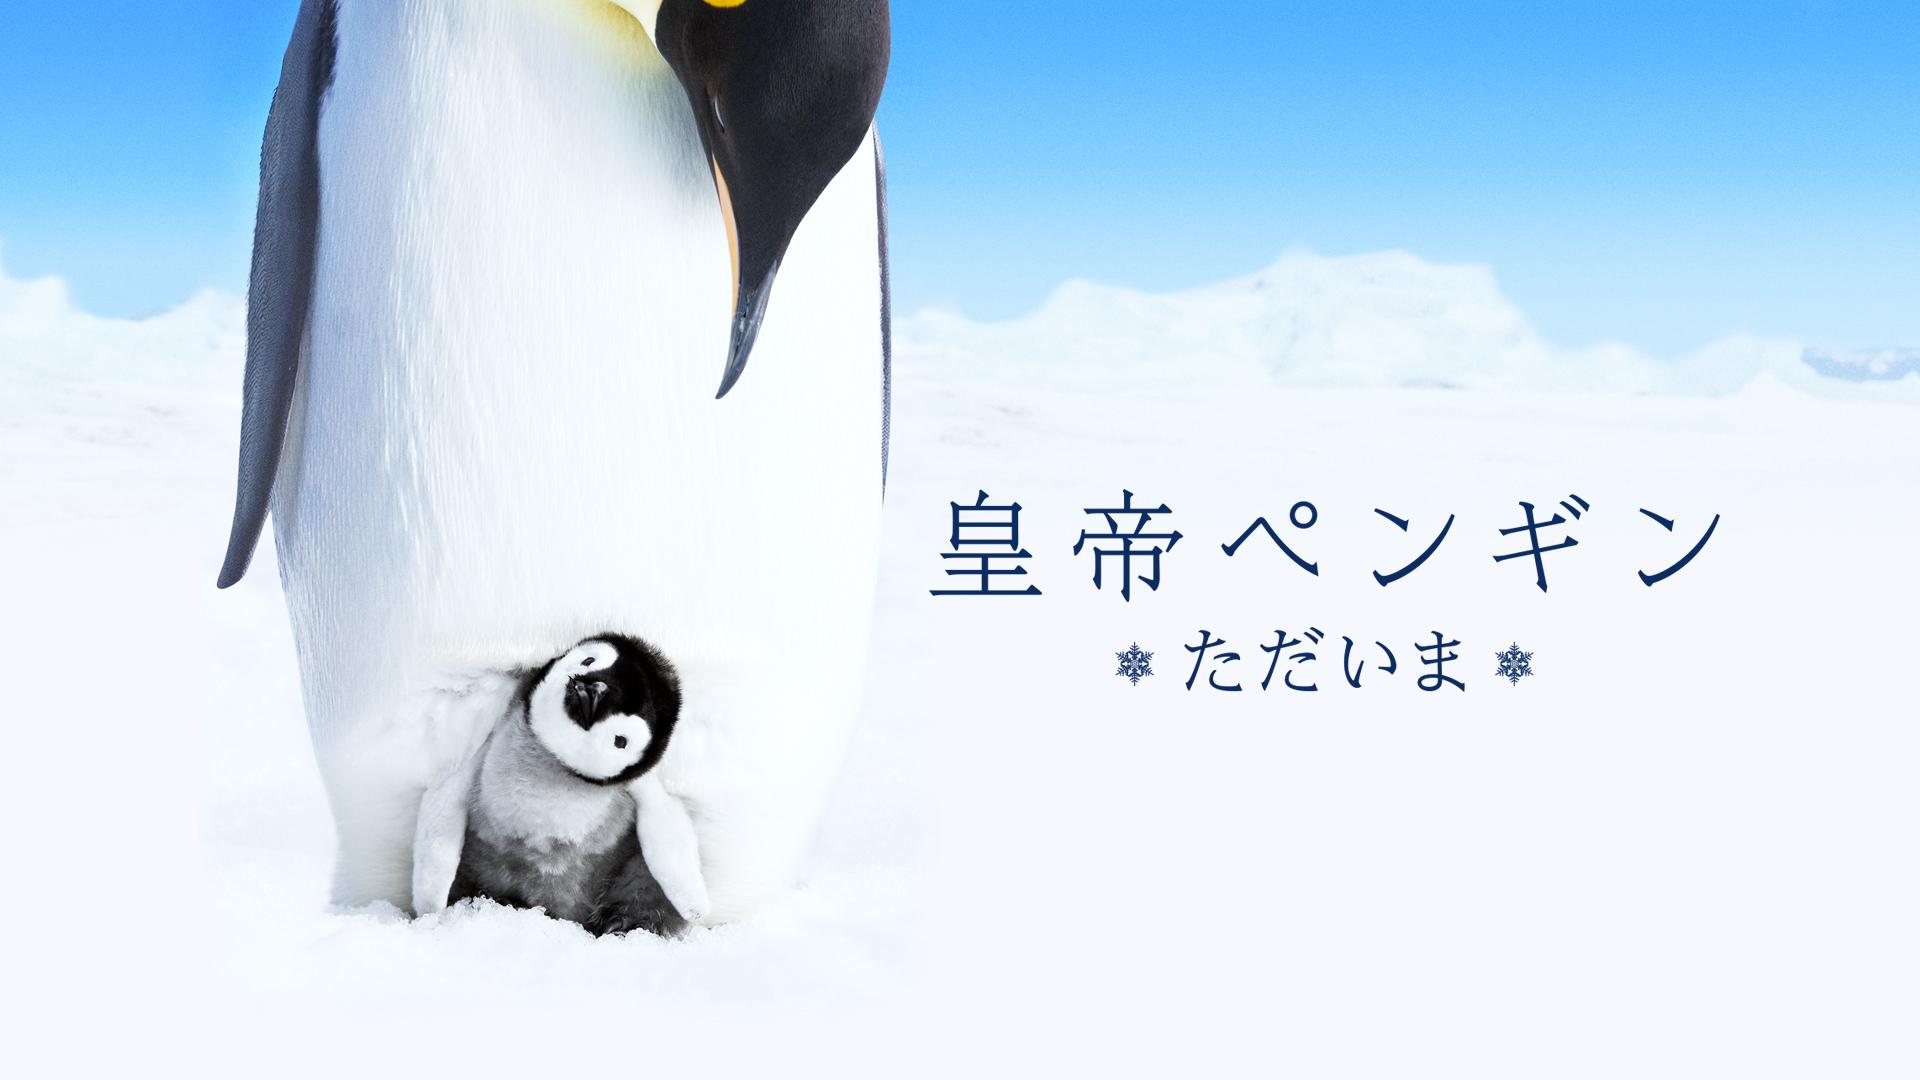 皇帝ペンギン ただいま(吹替版)